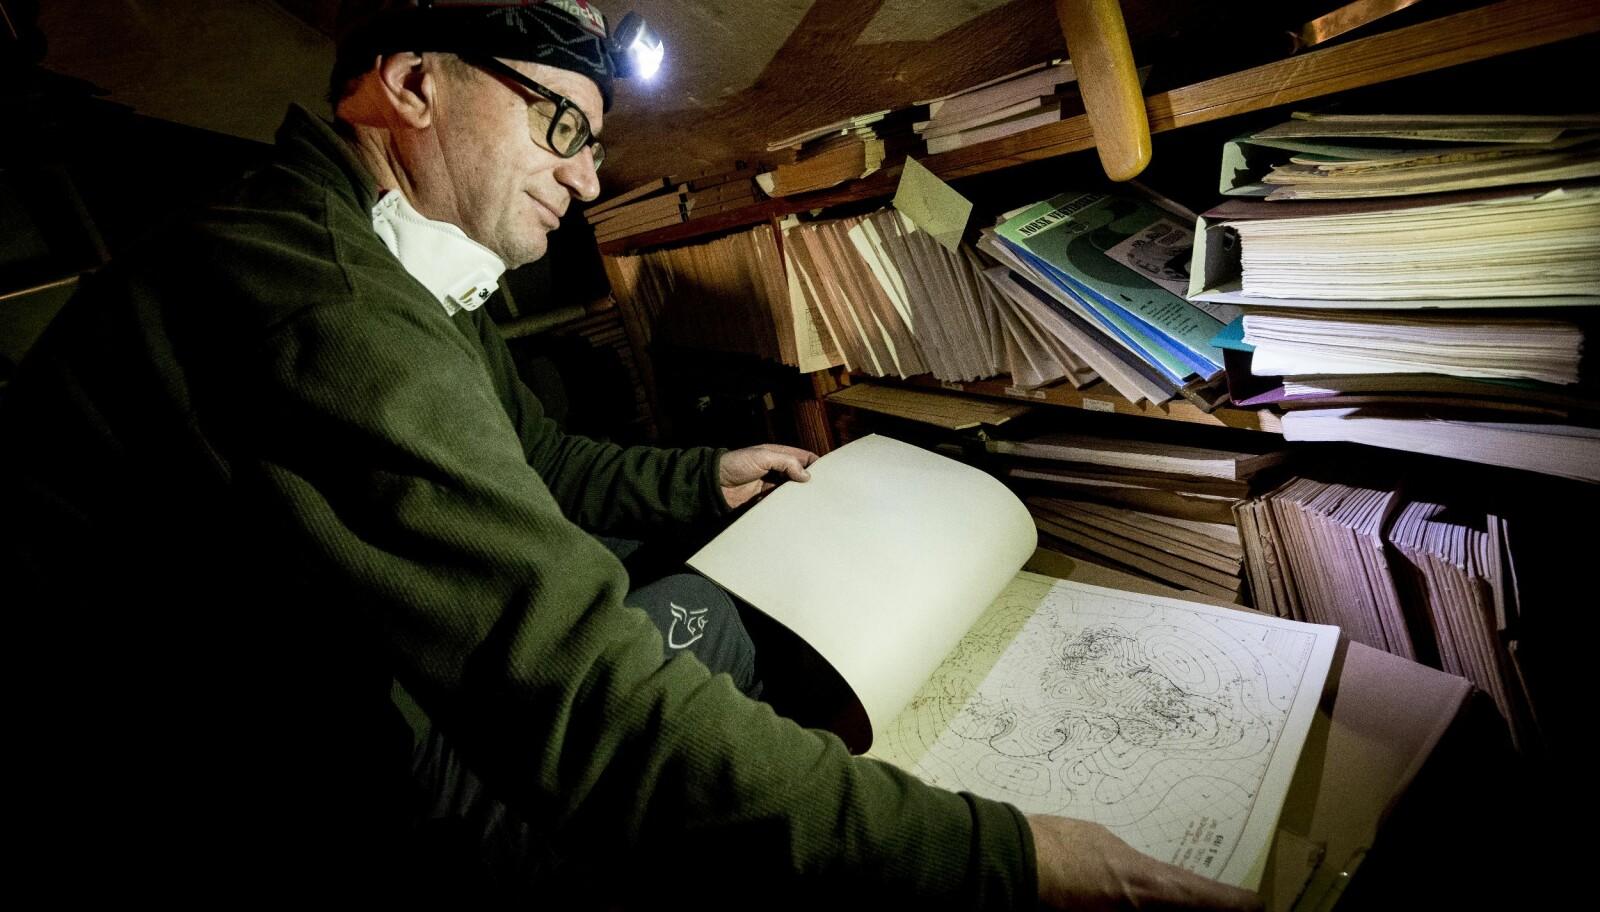 Korleis vart vêret? Ola Søndenå med bunke på bunke med gamle vêrobservasjonar. Søndenå har arbeidd med faghistora på universitetet i 15 år. Foto: Tor Farstad.